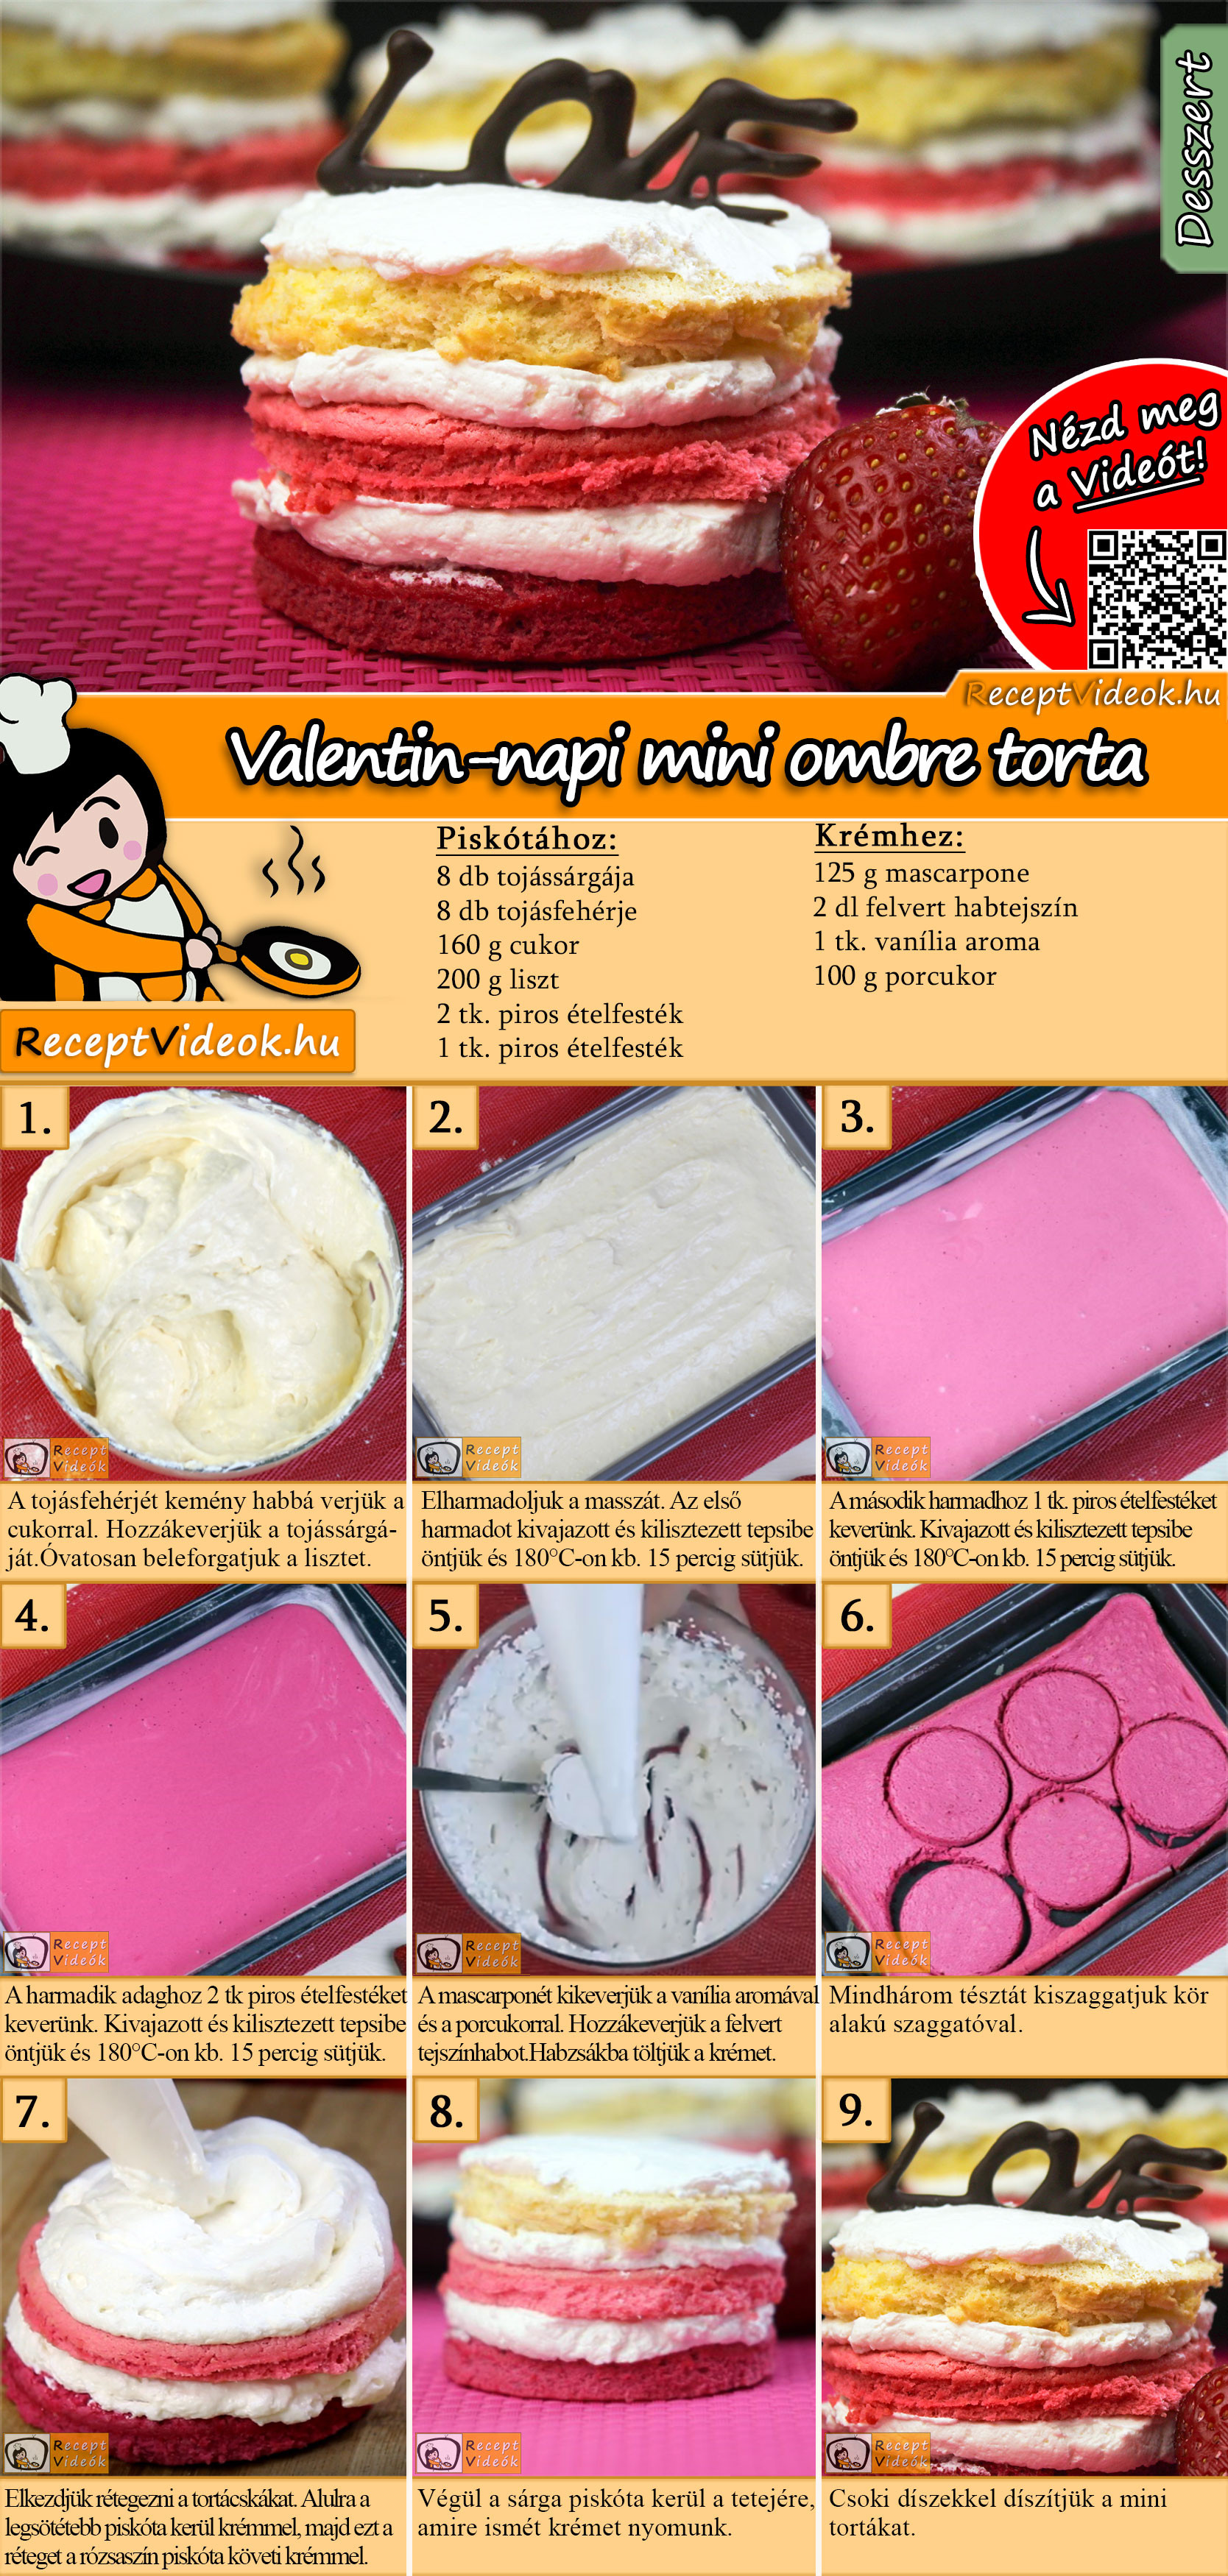 Valentin-napi mini ombre torta recept elkészítése videóval